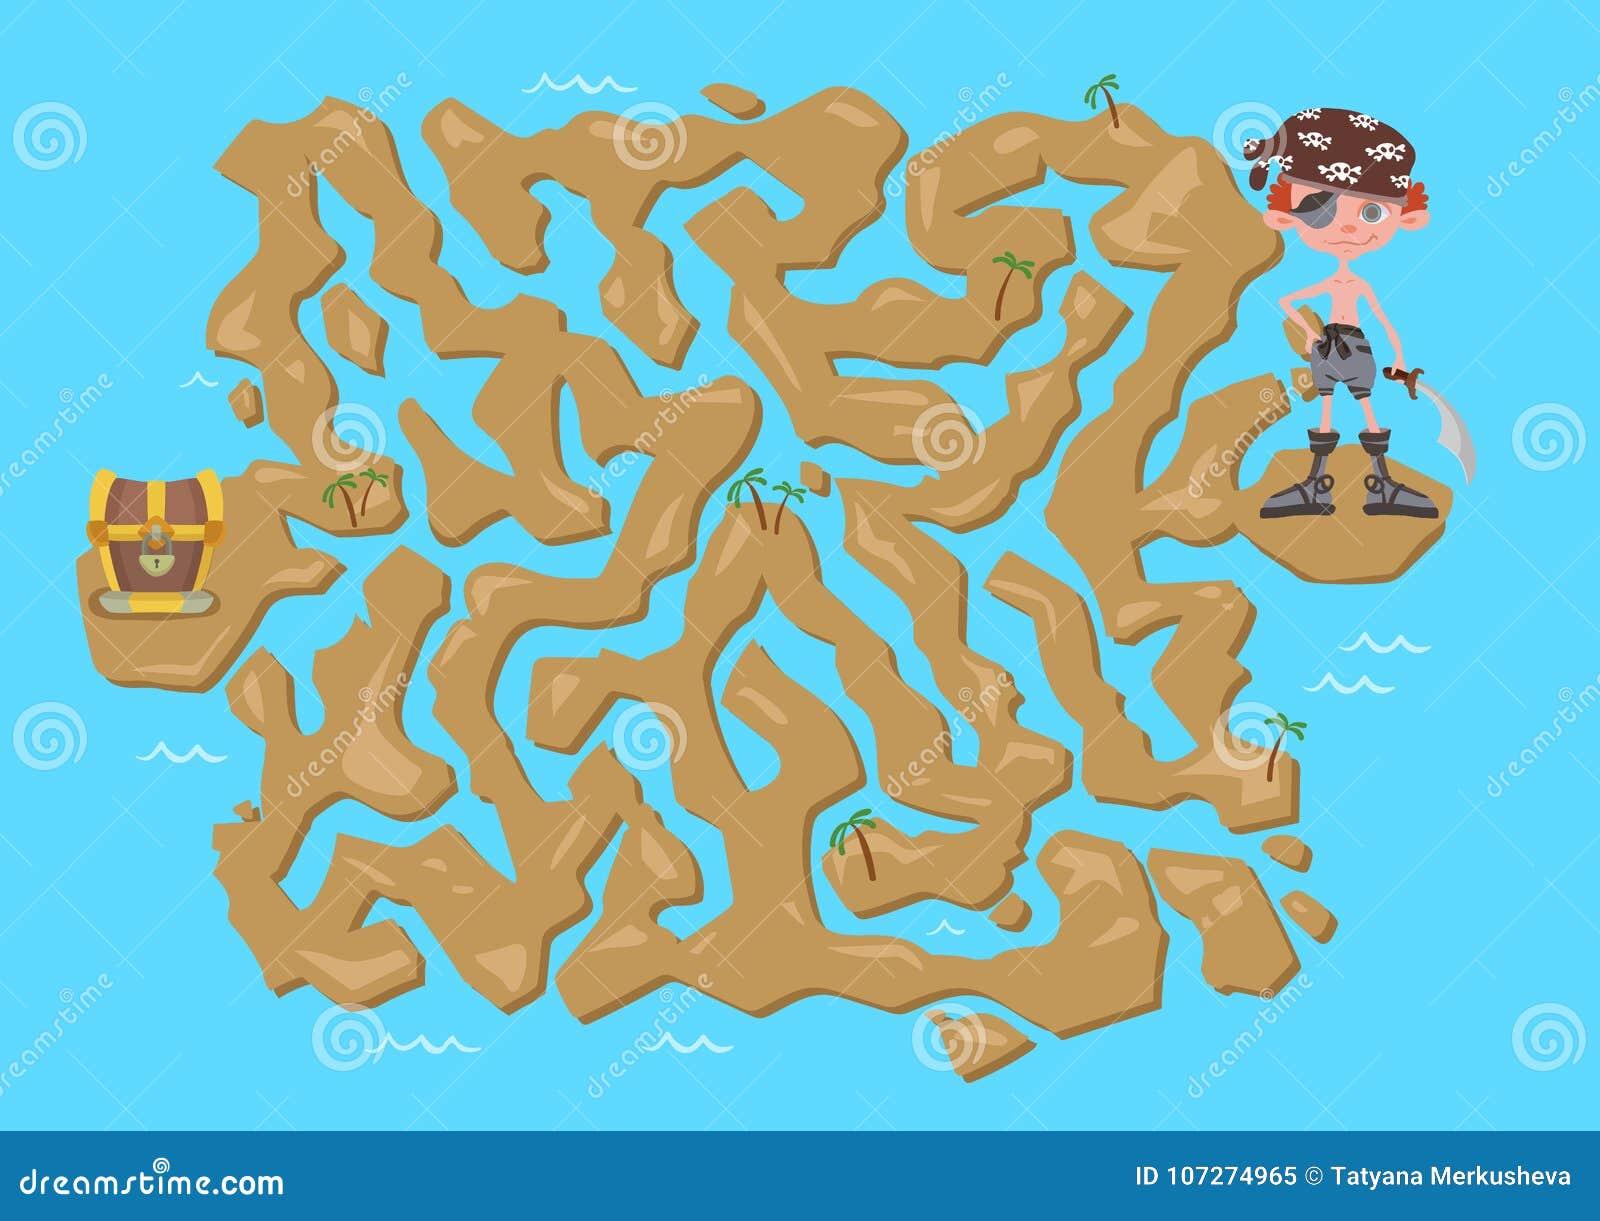 Children\'s Treasure Map Children`s Maze. Pirate Treasure Map. Puzzle Game For Kids, Stock